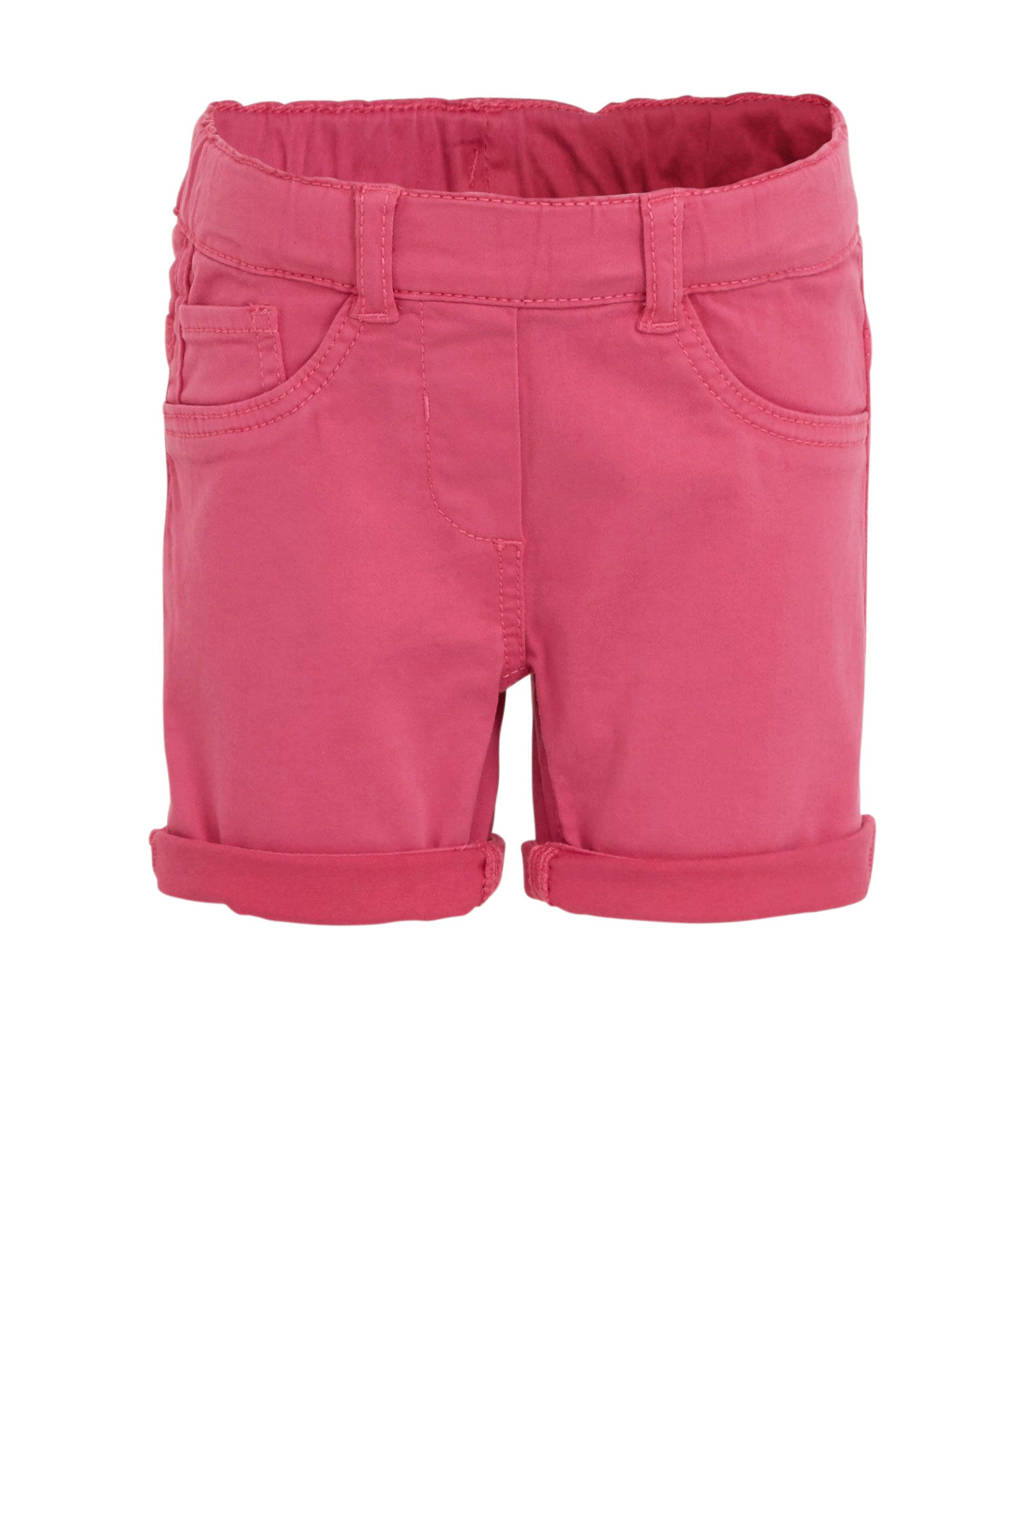 s.Oliver short met borduursels roze, Roze